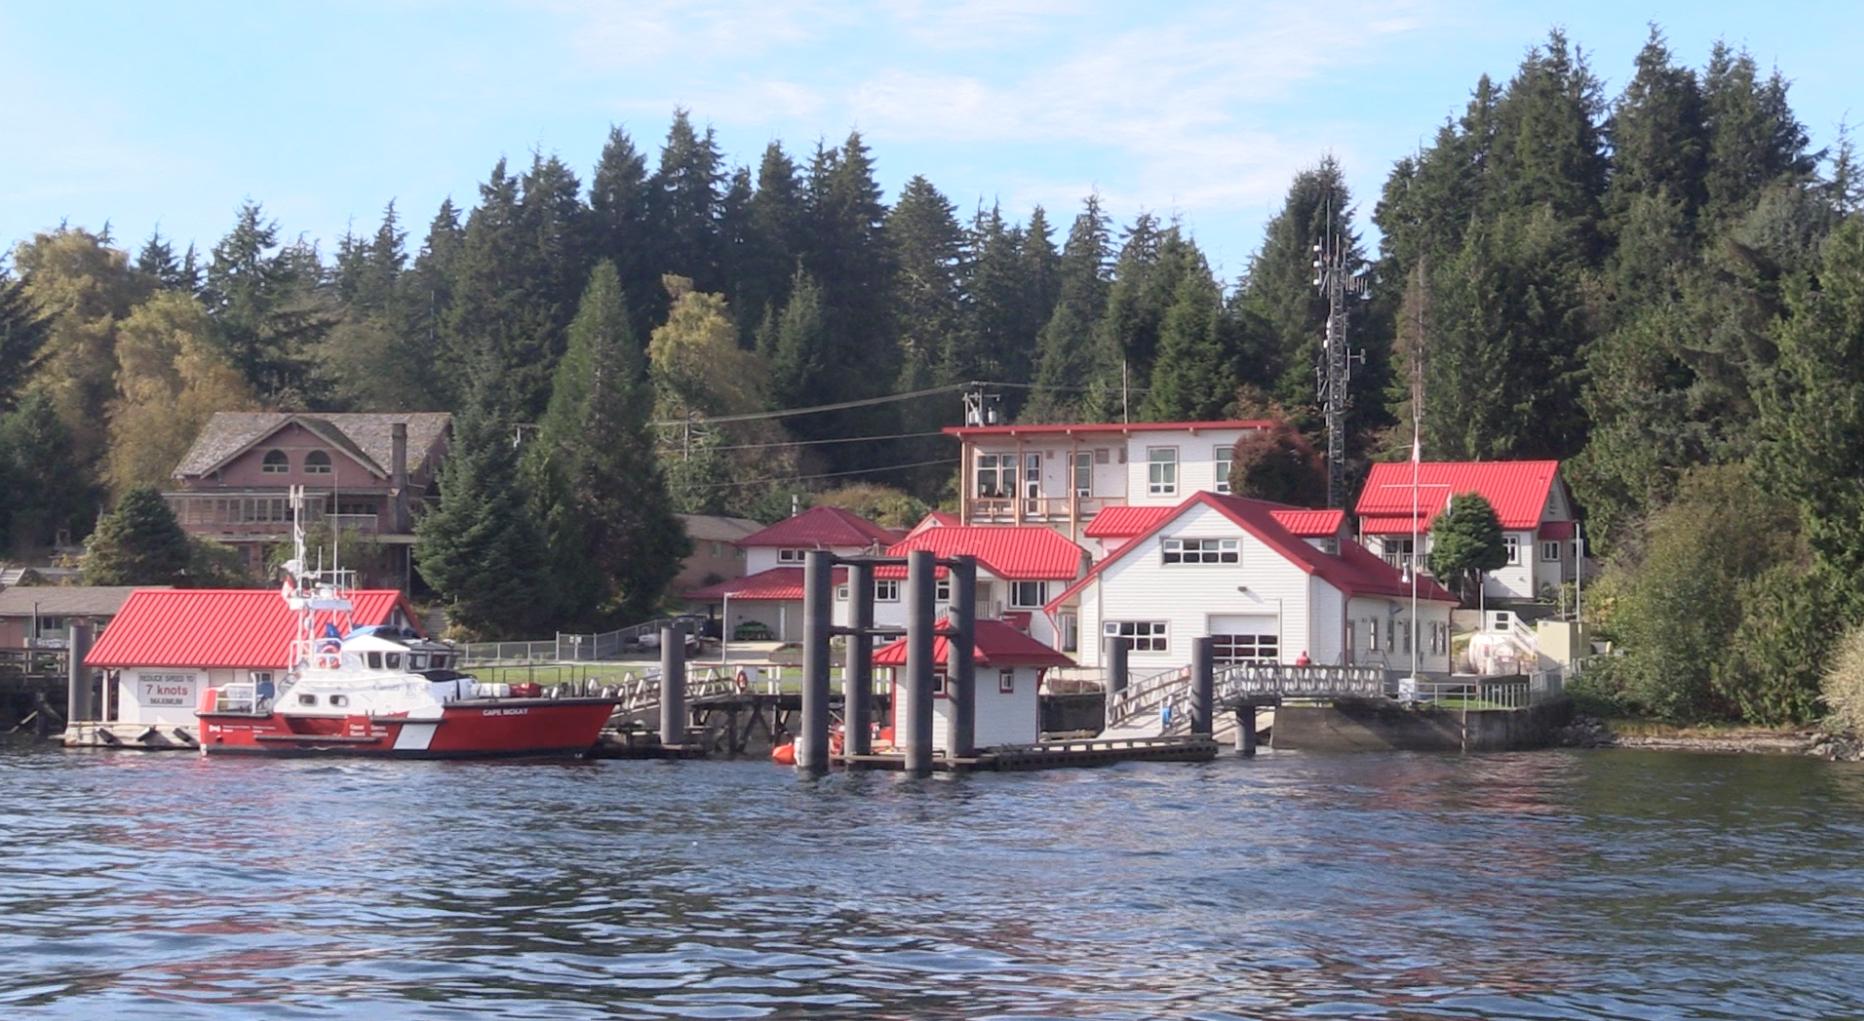 Bamfield Coast Guard Base